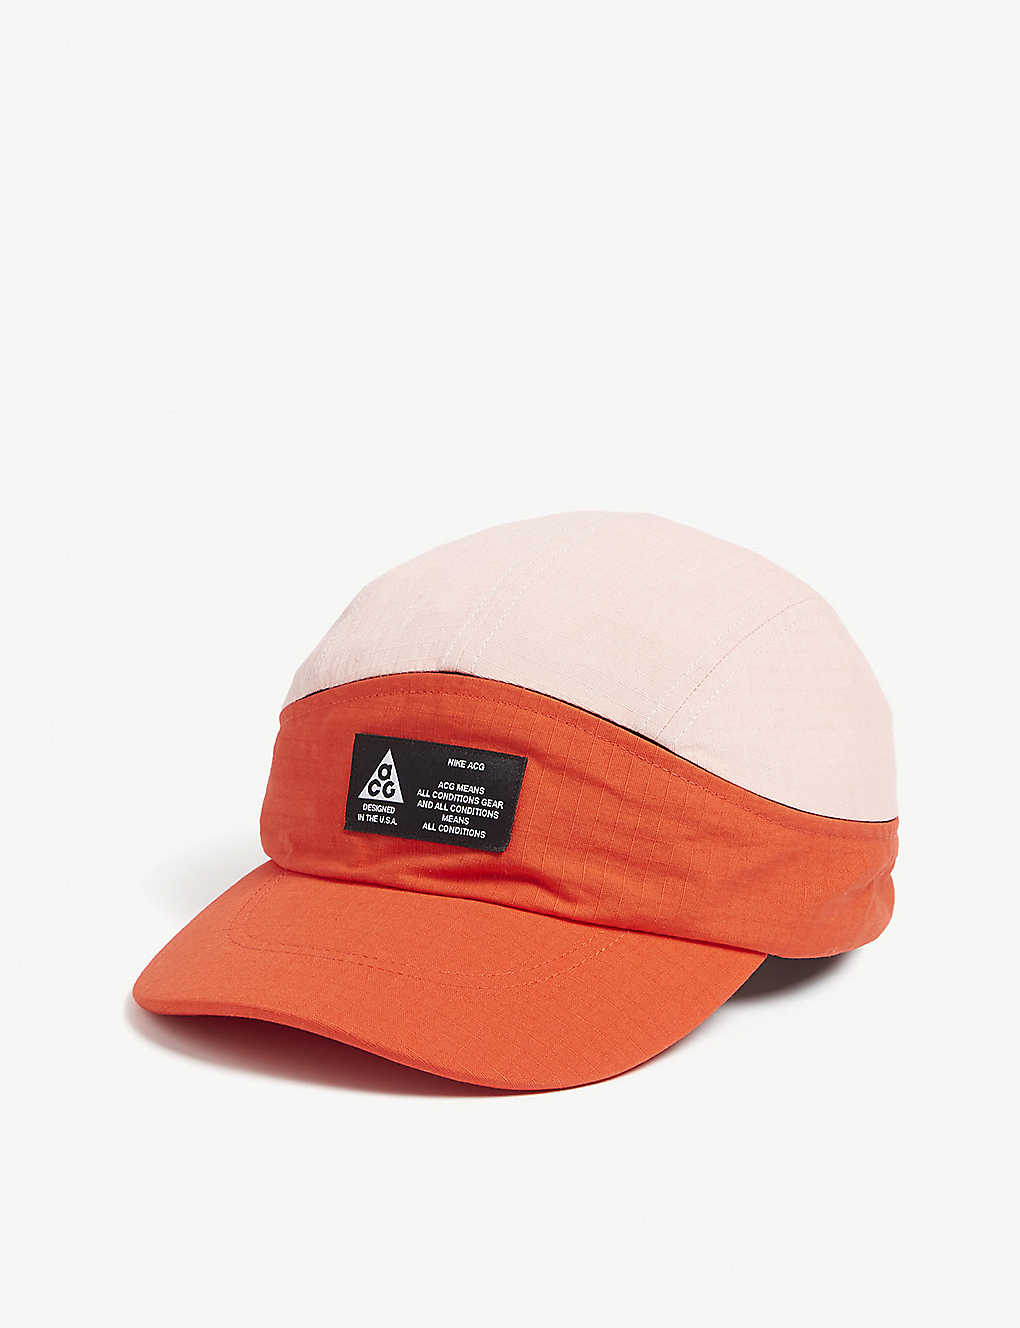 86359192e0 NIKE - Tailwind nylon visor cap | Selfridges.com